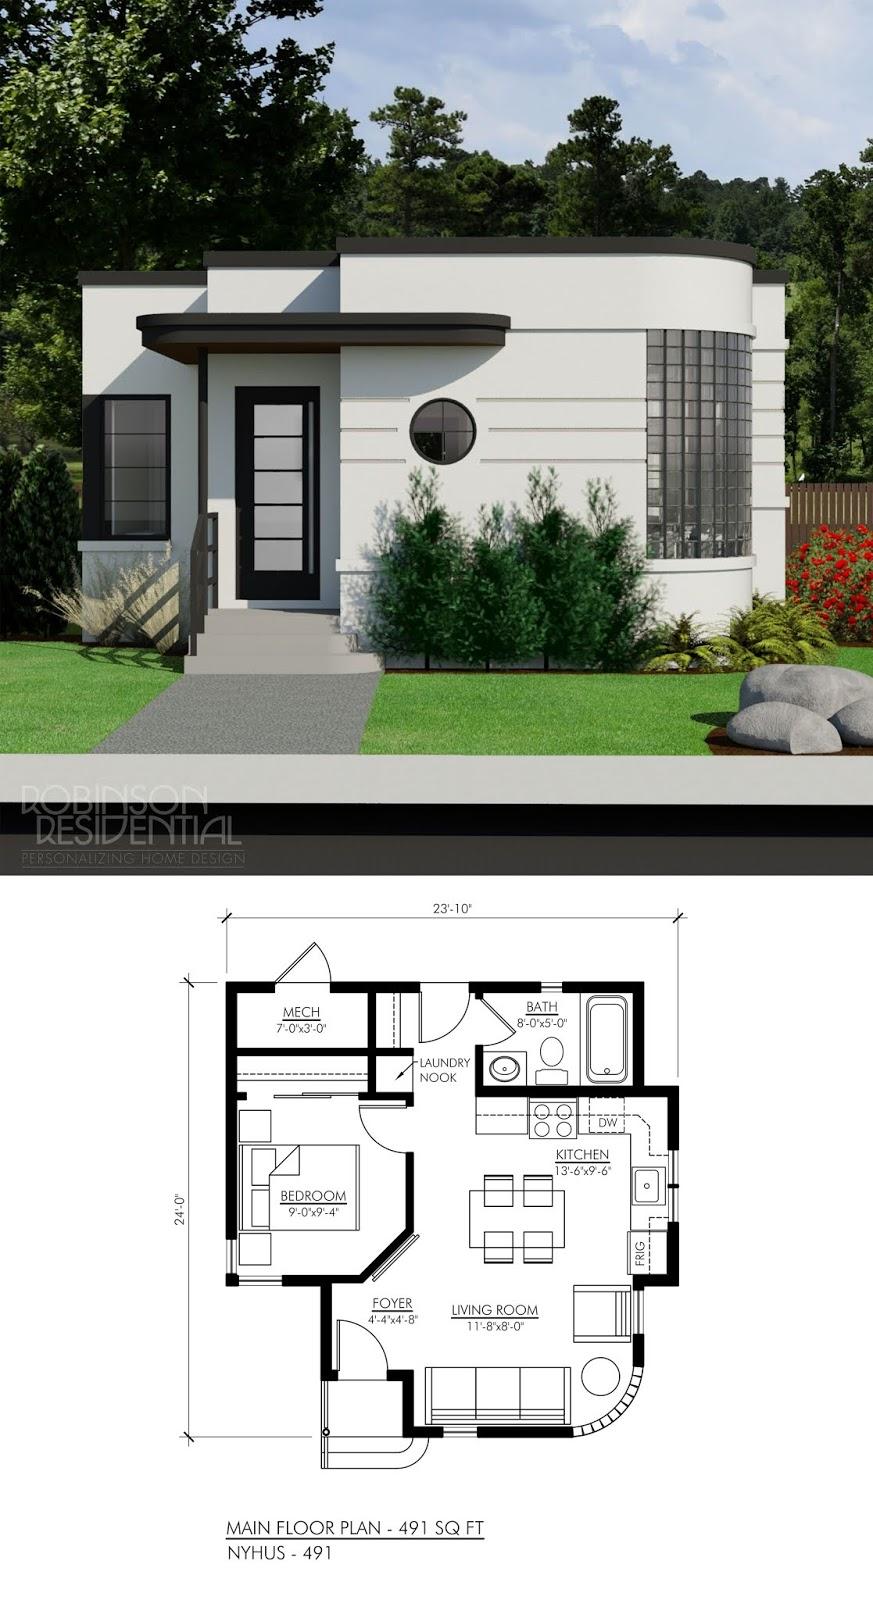 Planos De Casas Pequeñas Opciones De Planificación Y Diseño Plaza Digital